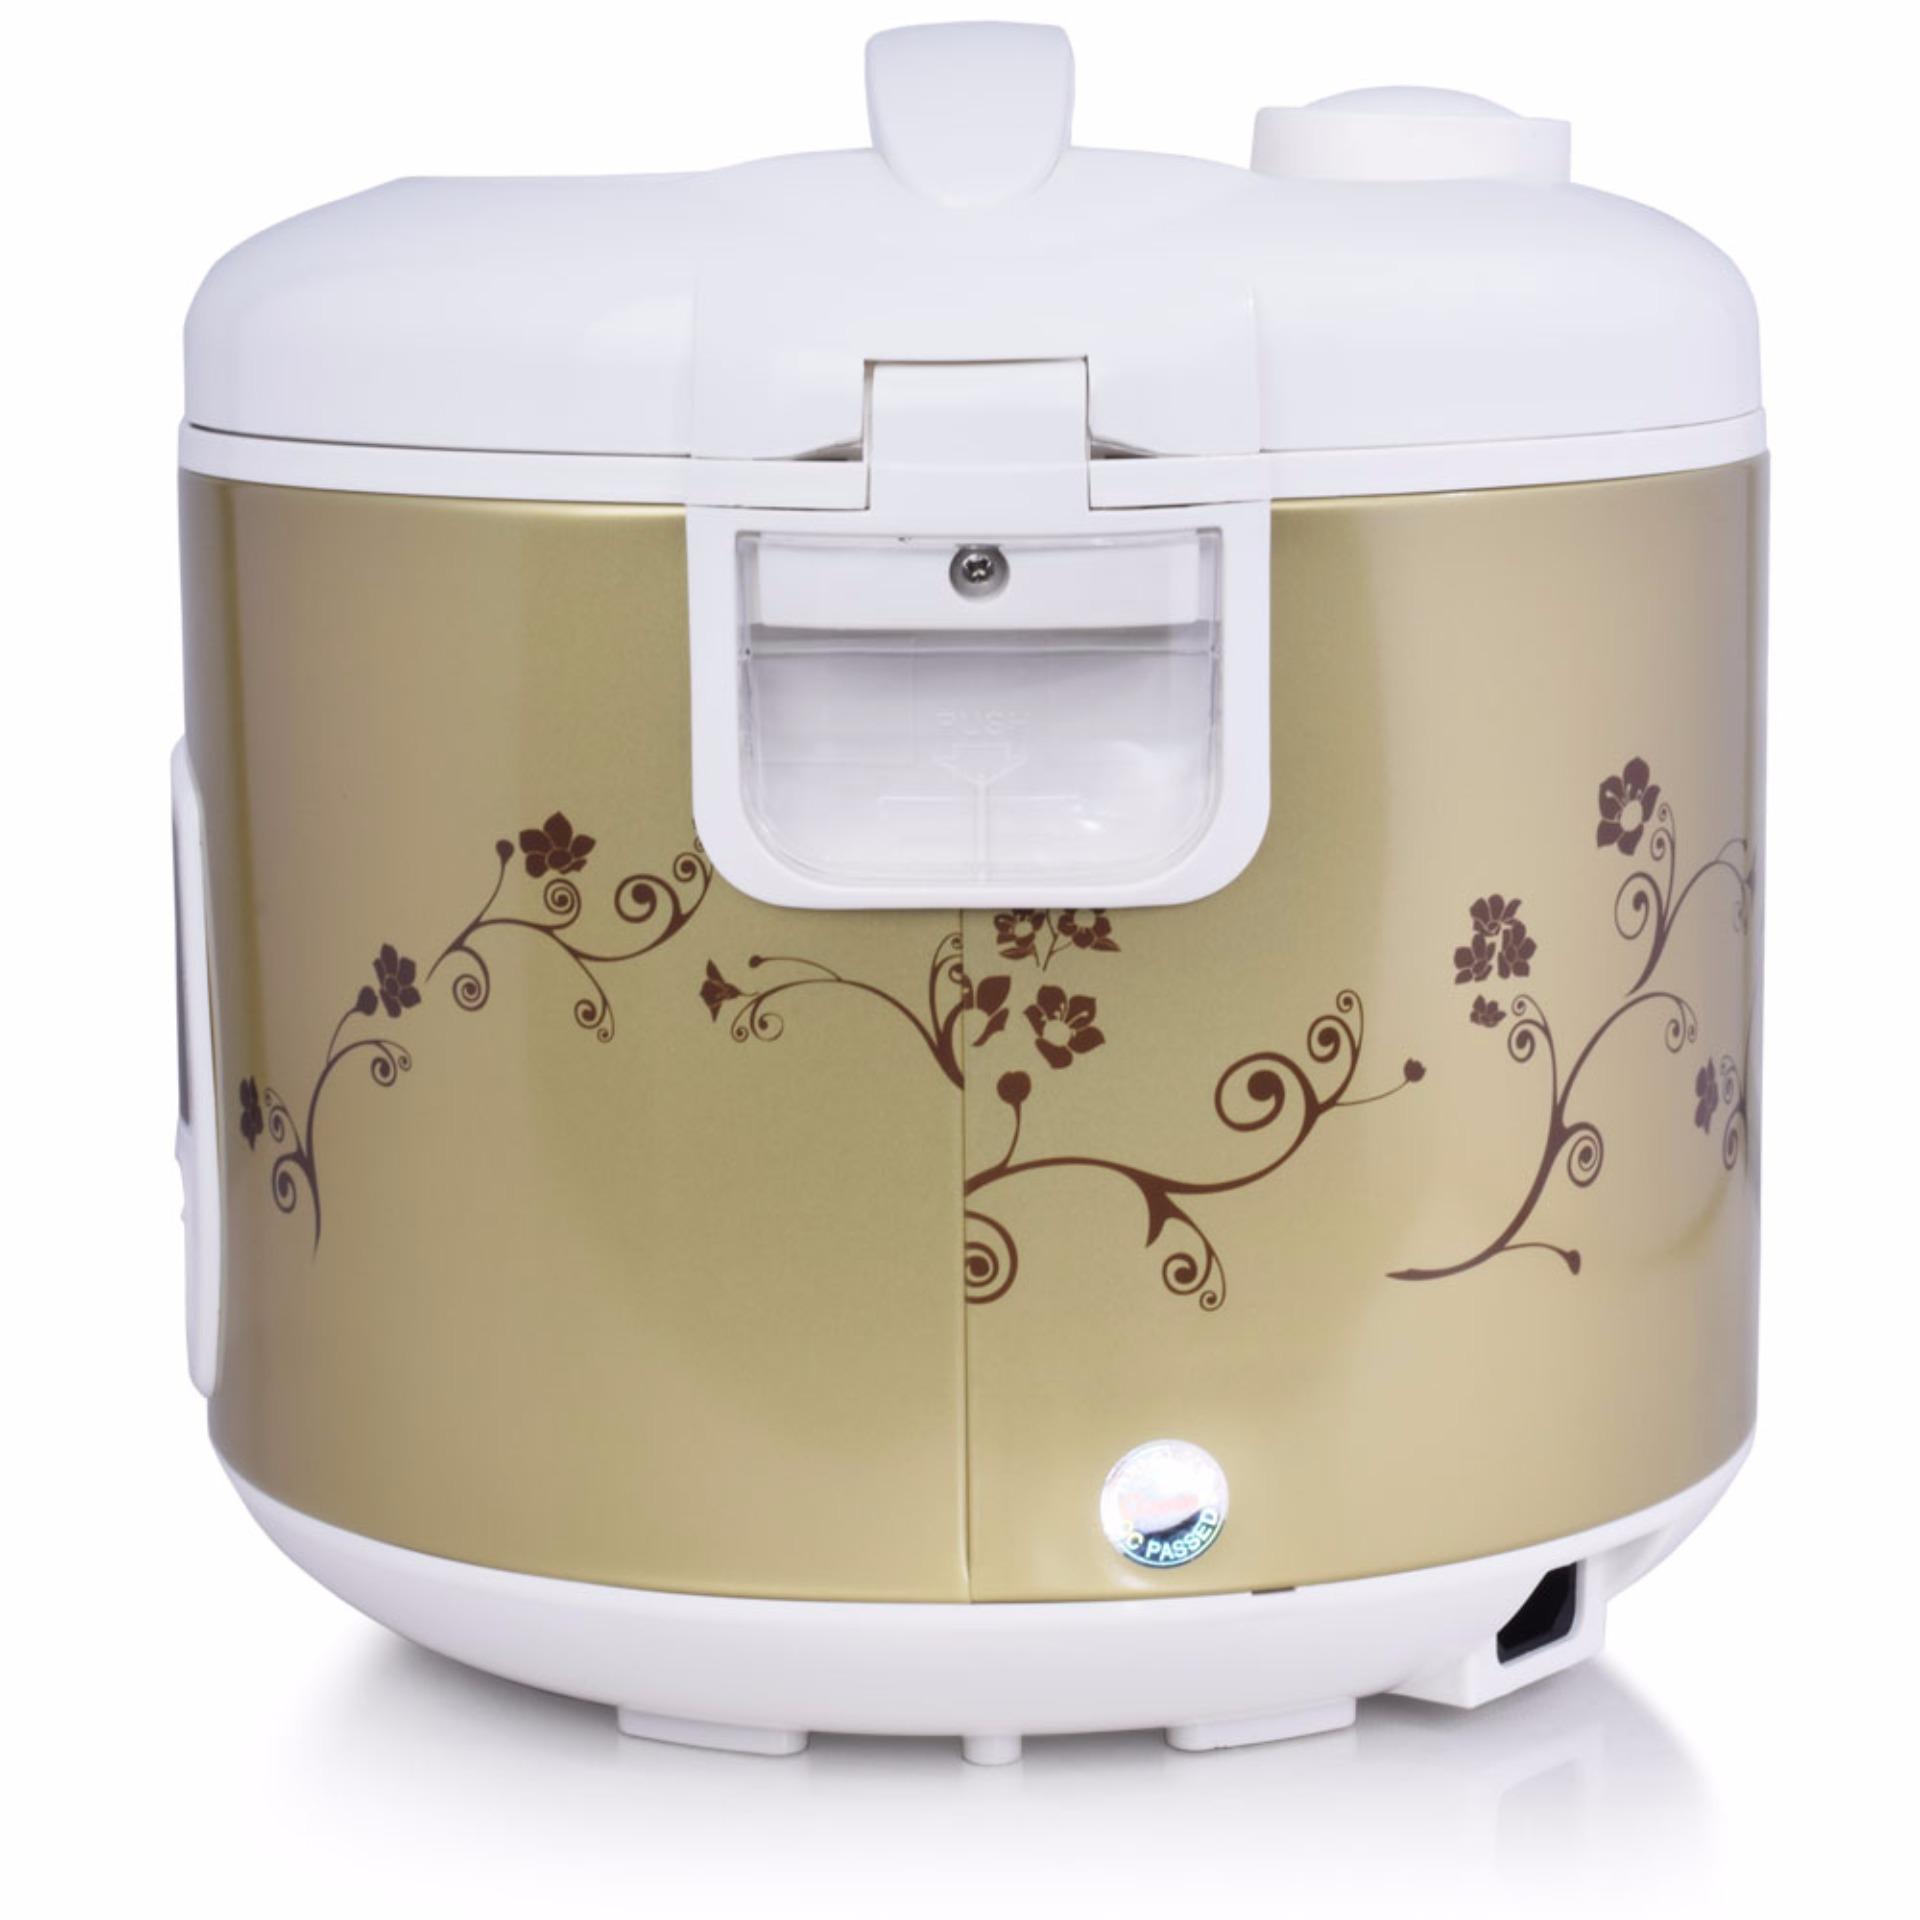 Natsuper Nc1090c Rice Cooker Magic Com Jar Penanak Nasi Cmos 12l Crj10lj Cosmos 18l Dualcoating Crj